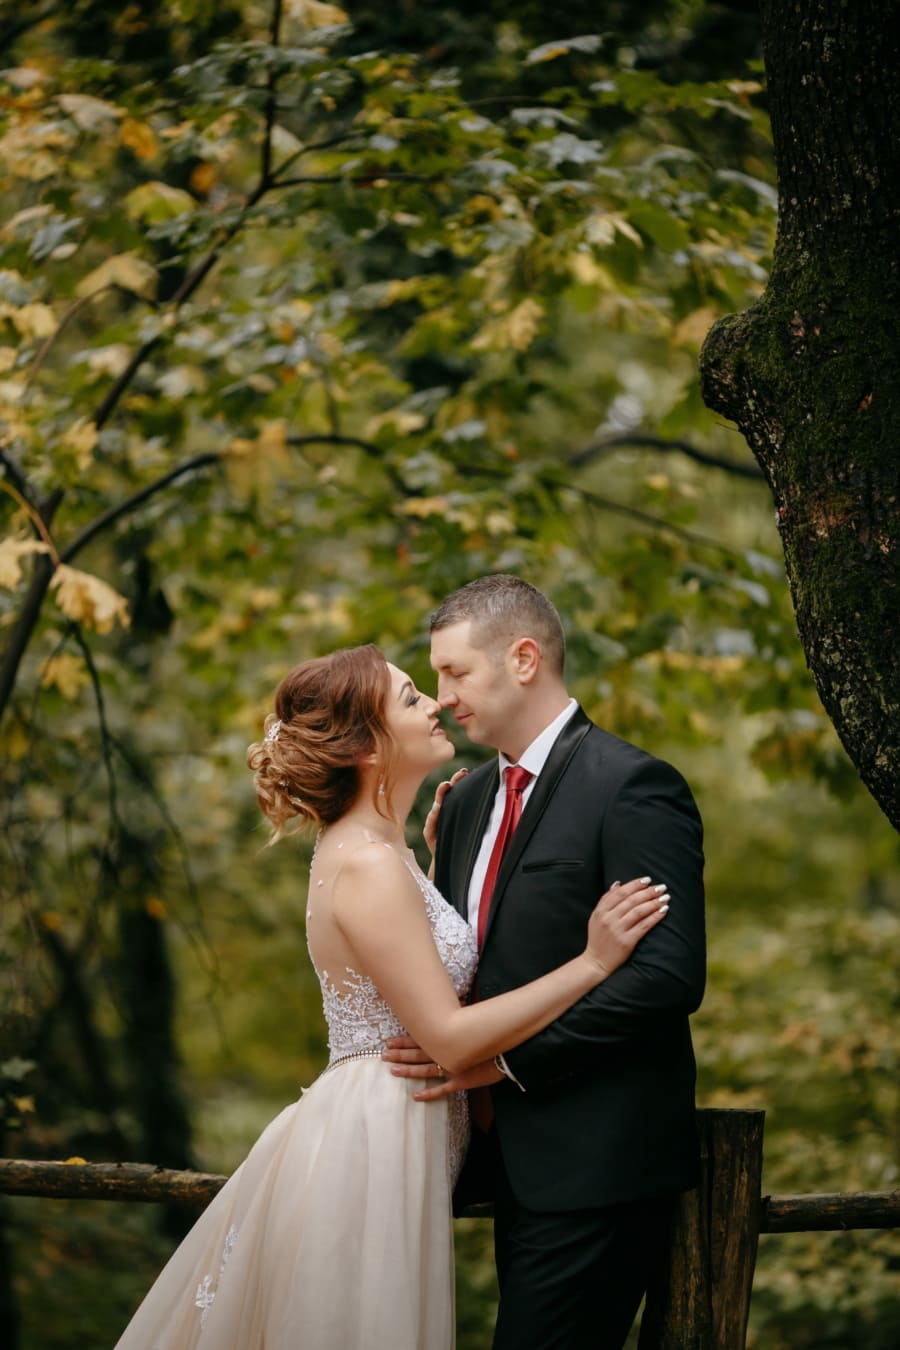 paar, romantische, stehende, Kuss, Dame, Mann, Bräutigam, Liebe, Braut, Hochzeit